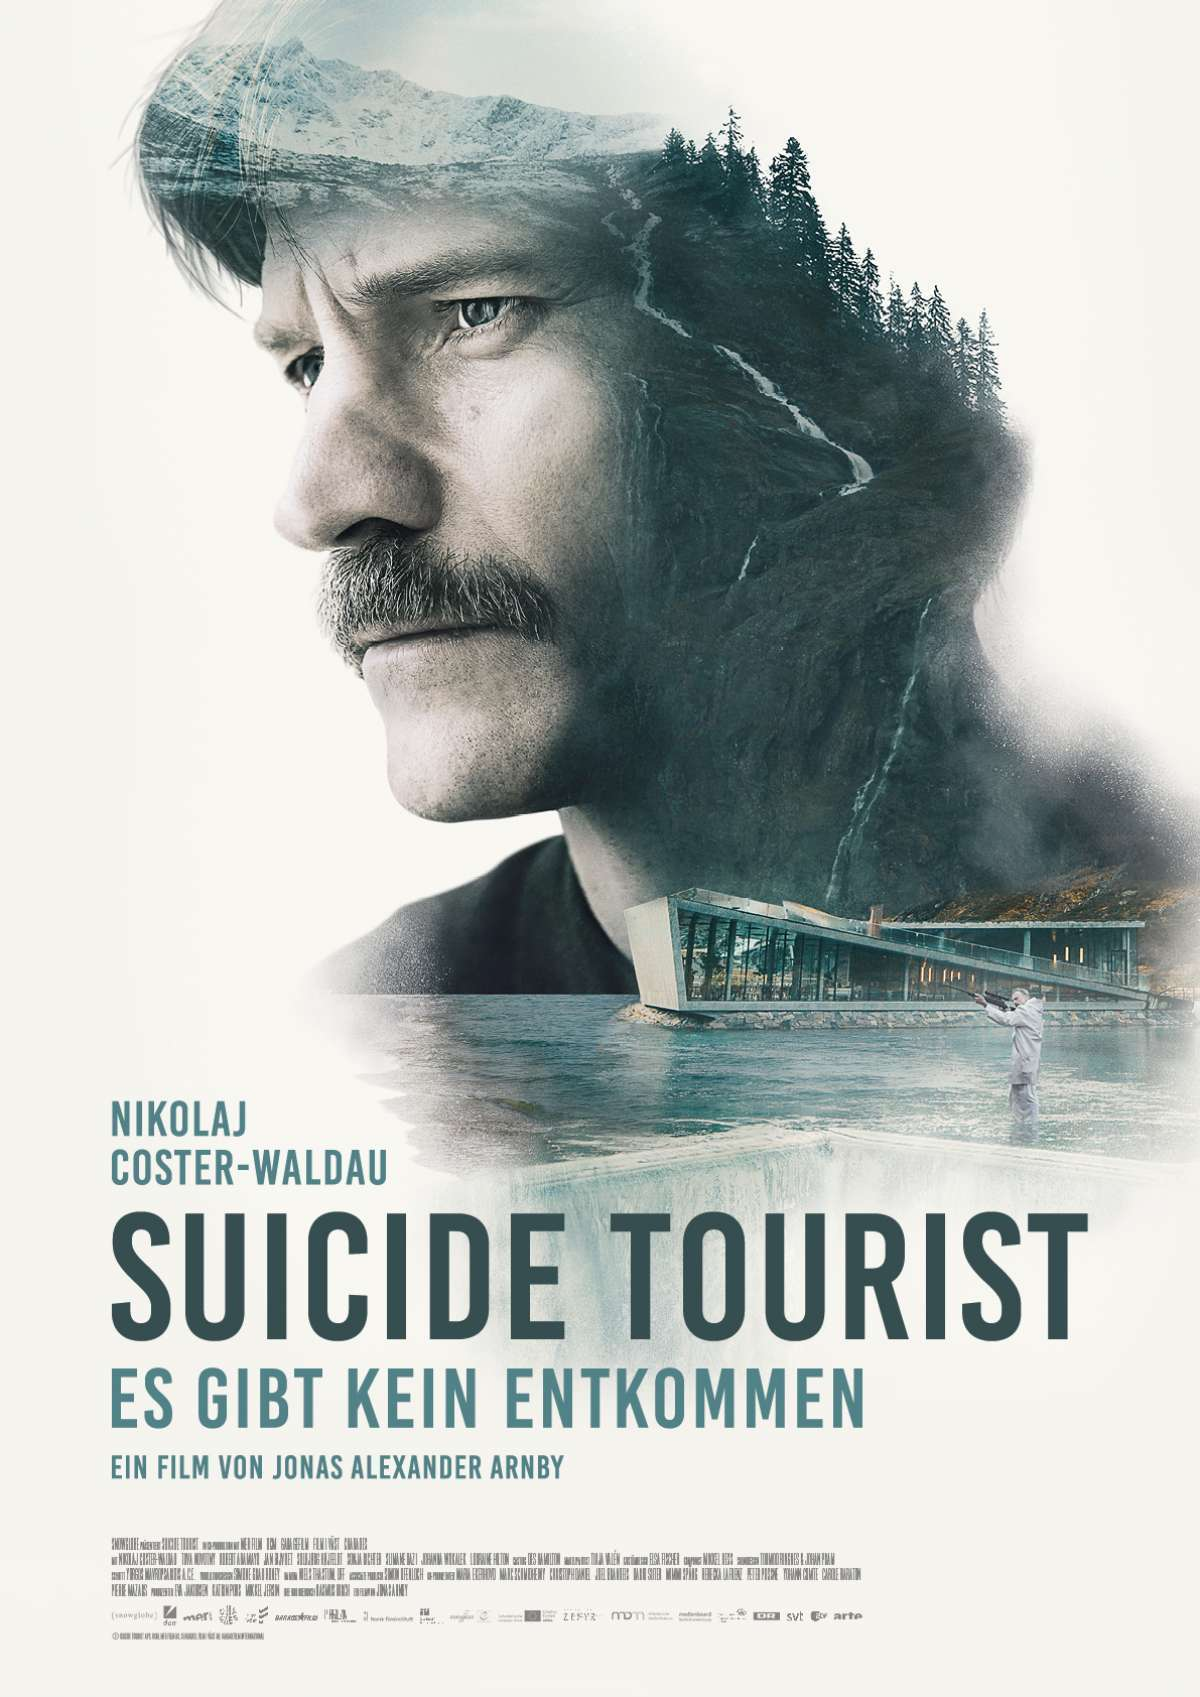 Suicide Tourist - Es gibt kein Entkommen - Filmladen - Kassel